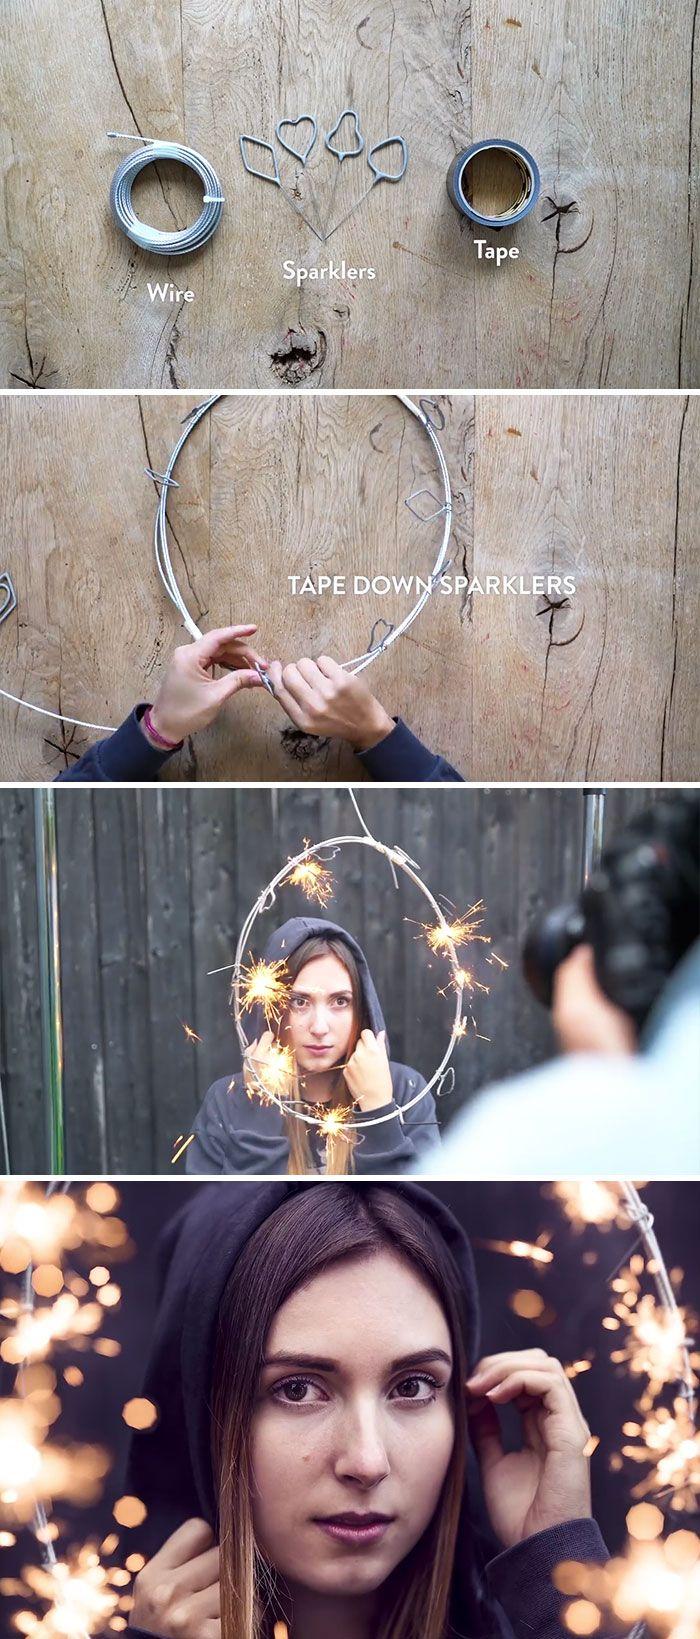 Altijd al een goede fotograaf willen worden? Met deze onmisbare Camera Hacks kom je een heel eind! - Gezonde ideetjes